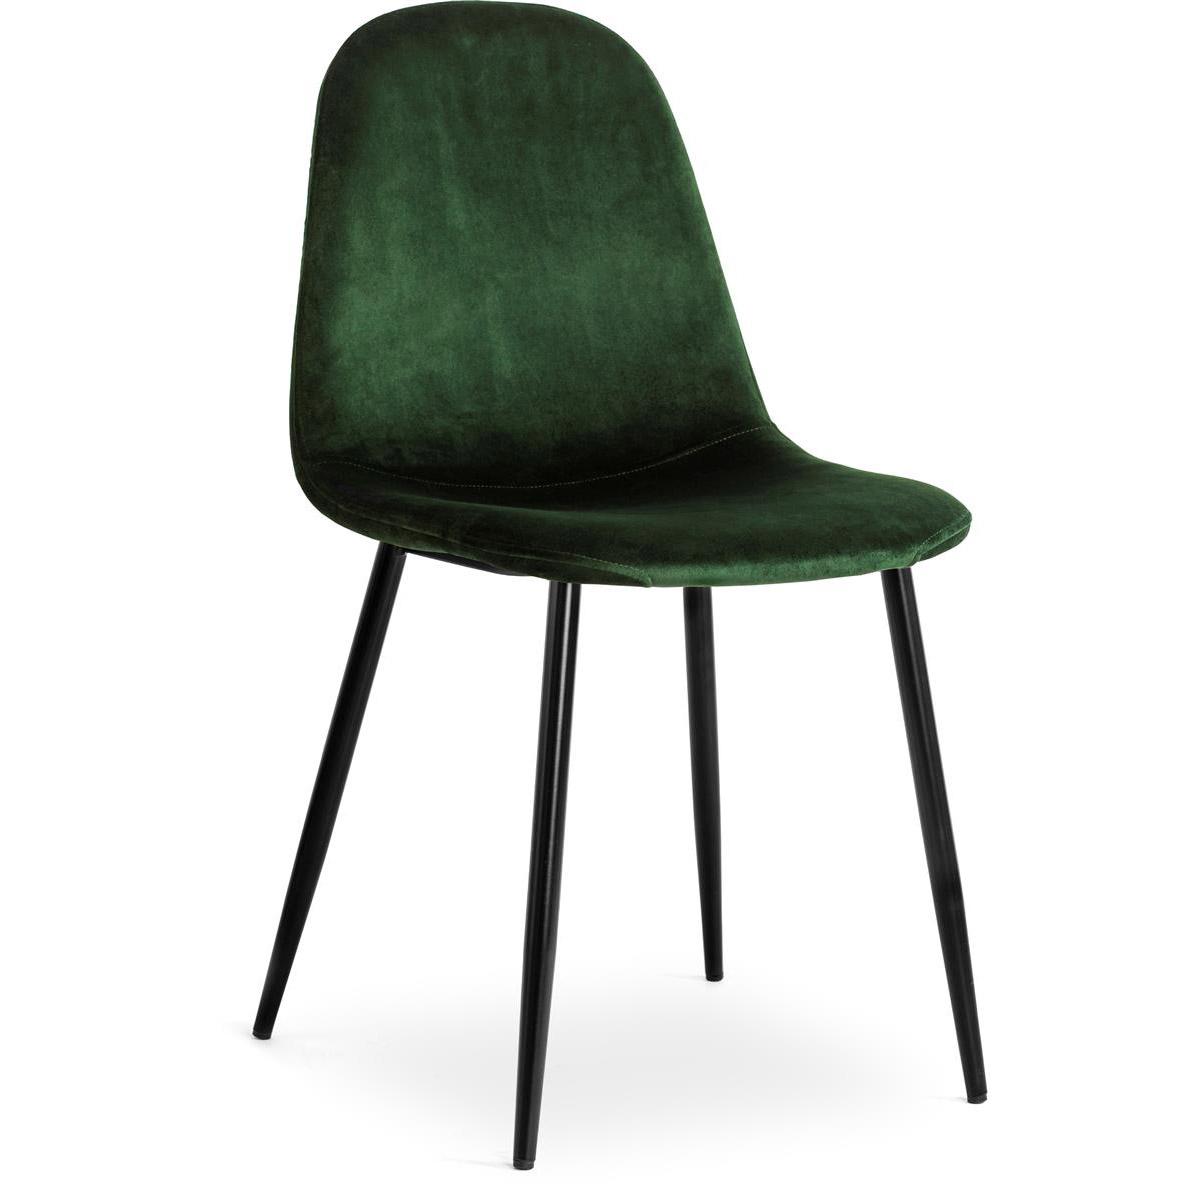 Meghan stol sammet grön